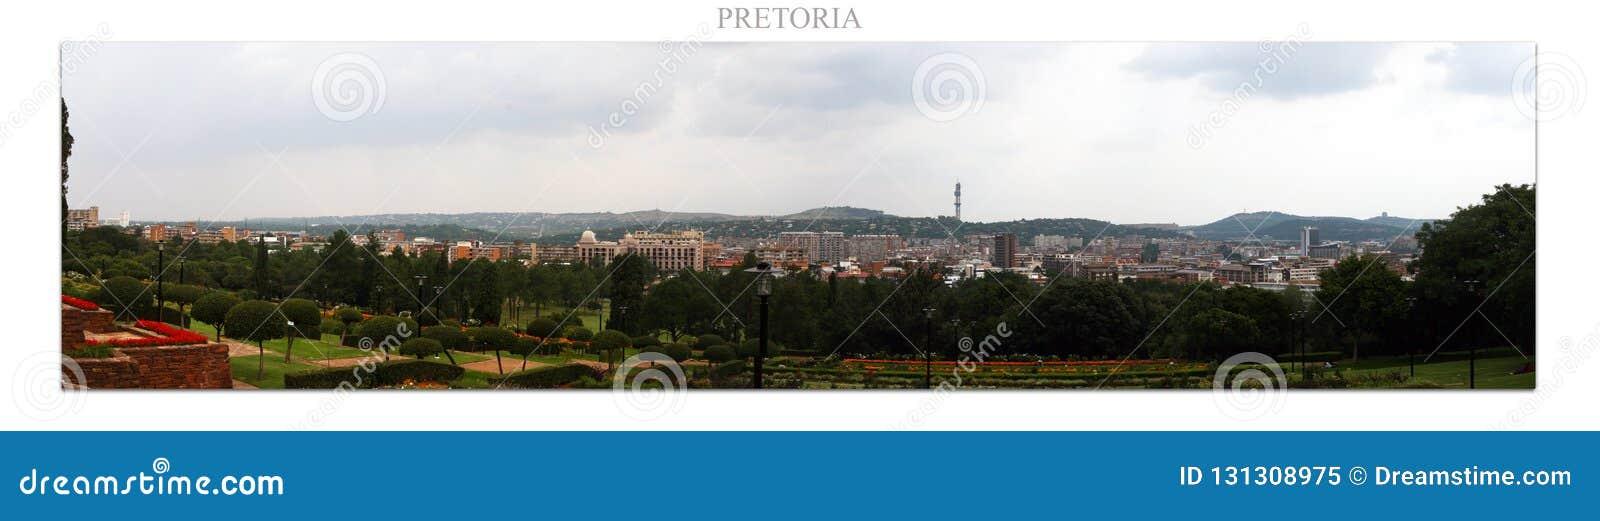 Simplesmente Pretoria em África do Sul